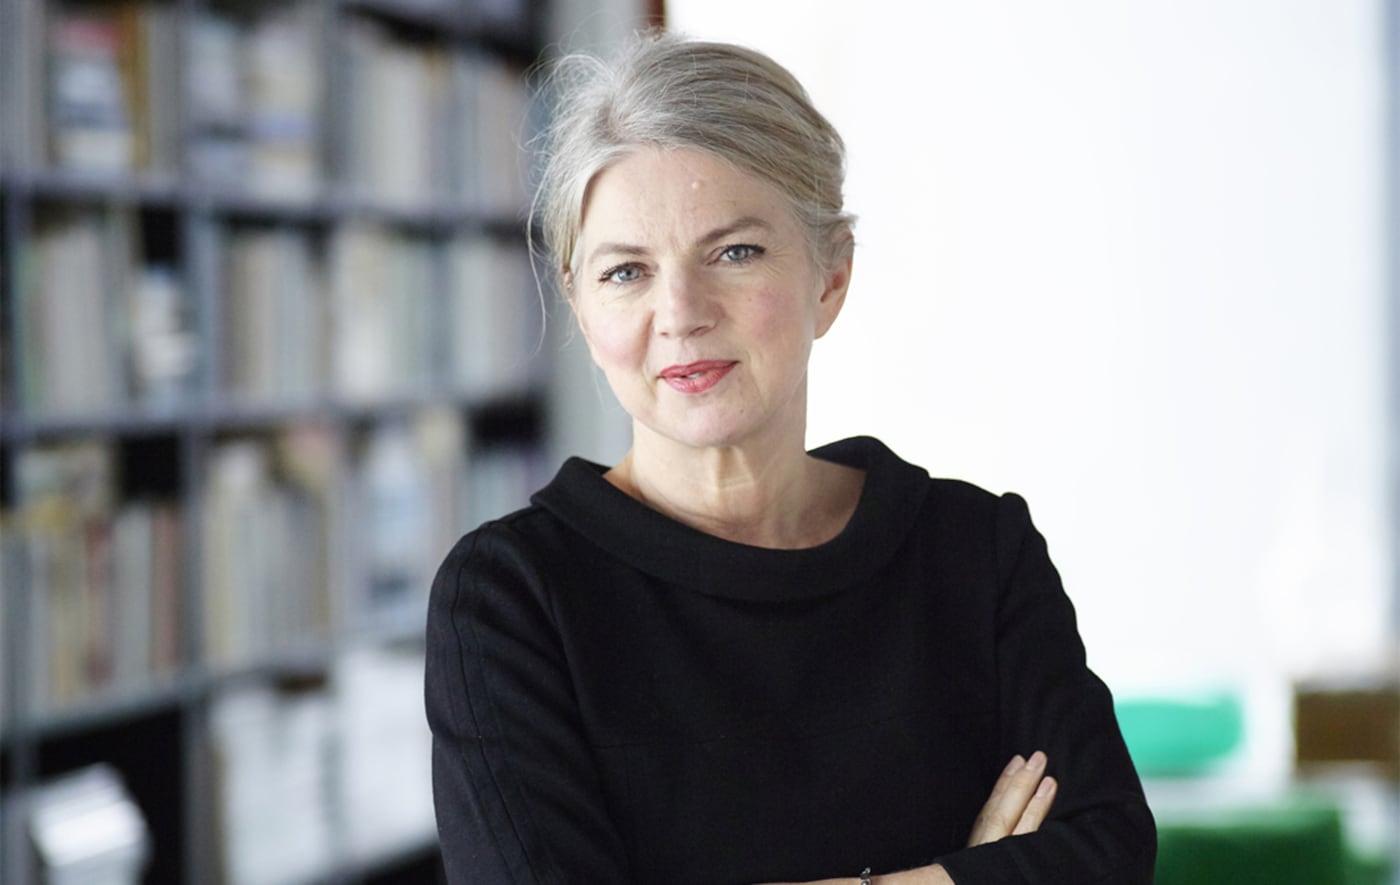 Портрет Аннетт Идхольм, дизайнера интерьера ИКЕА.